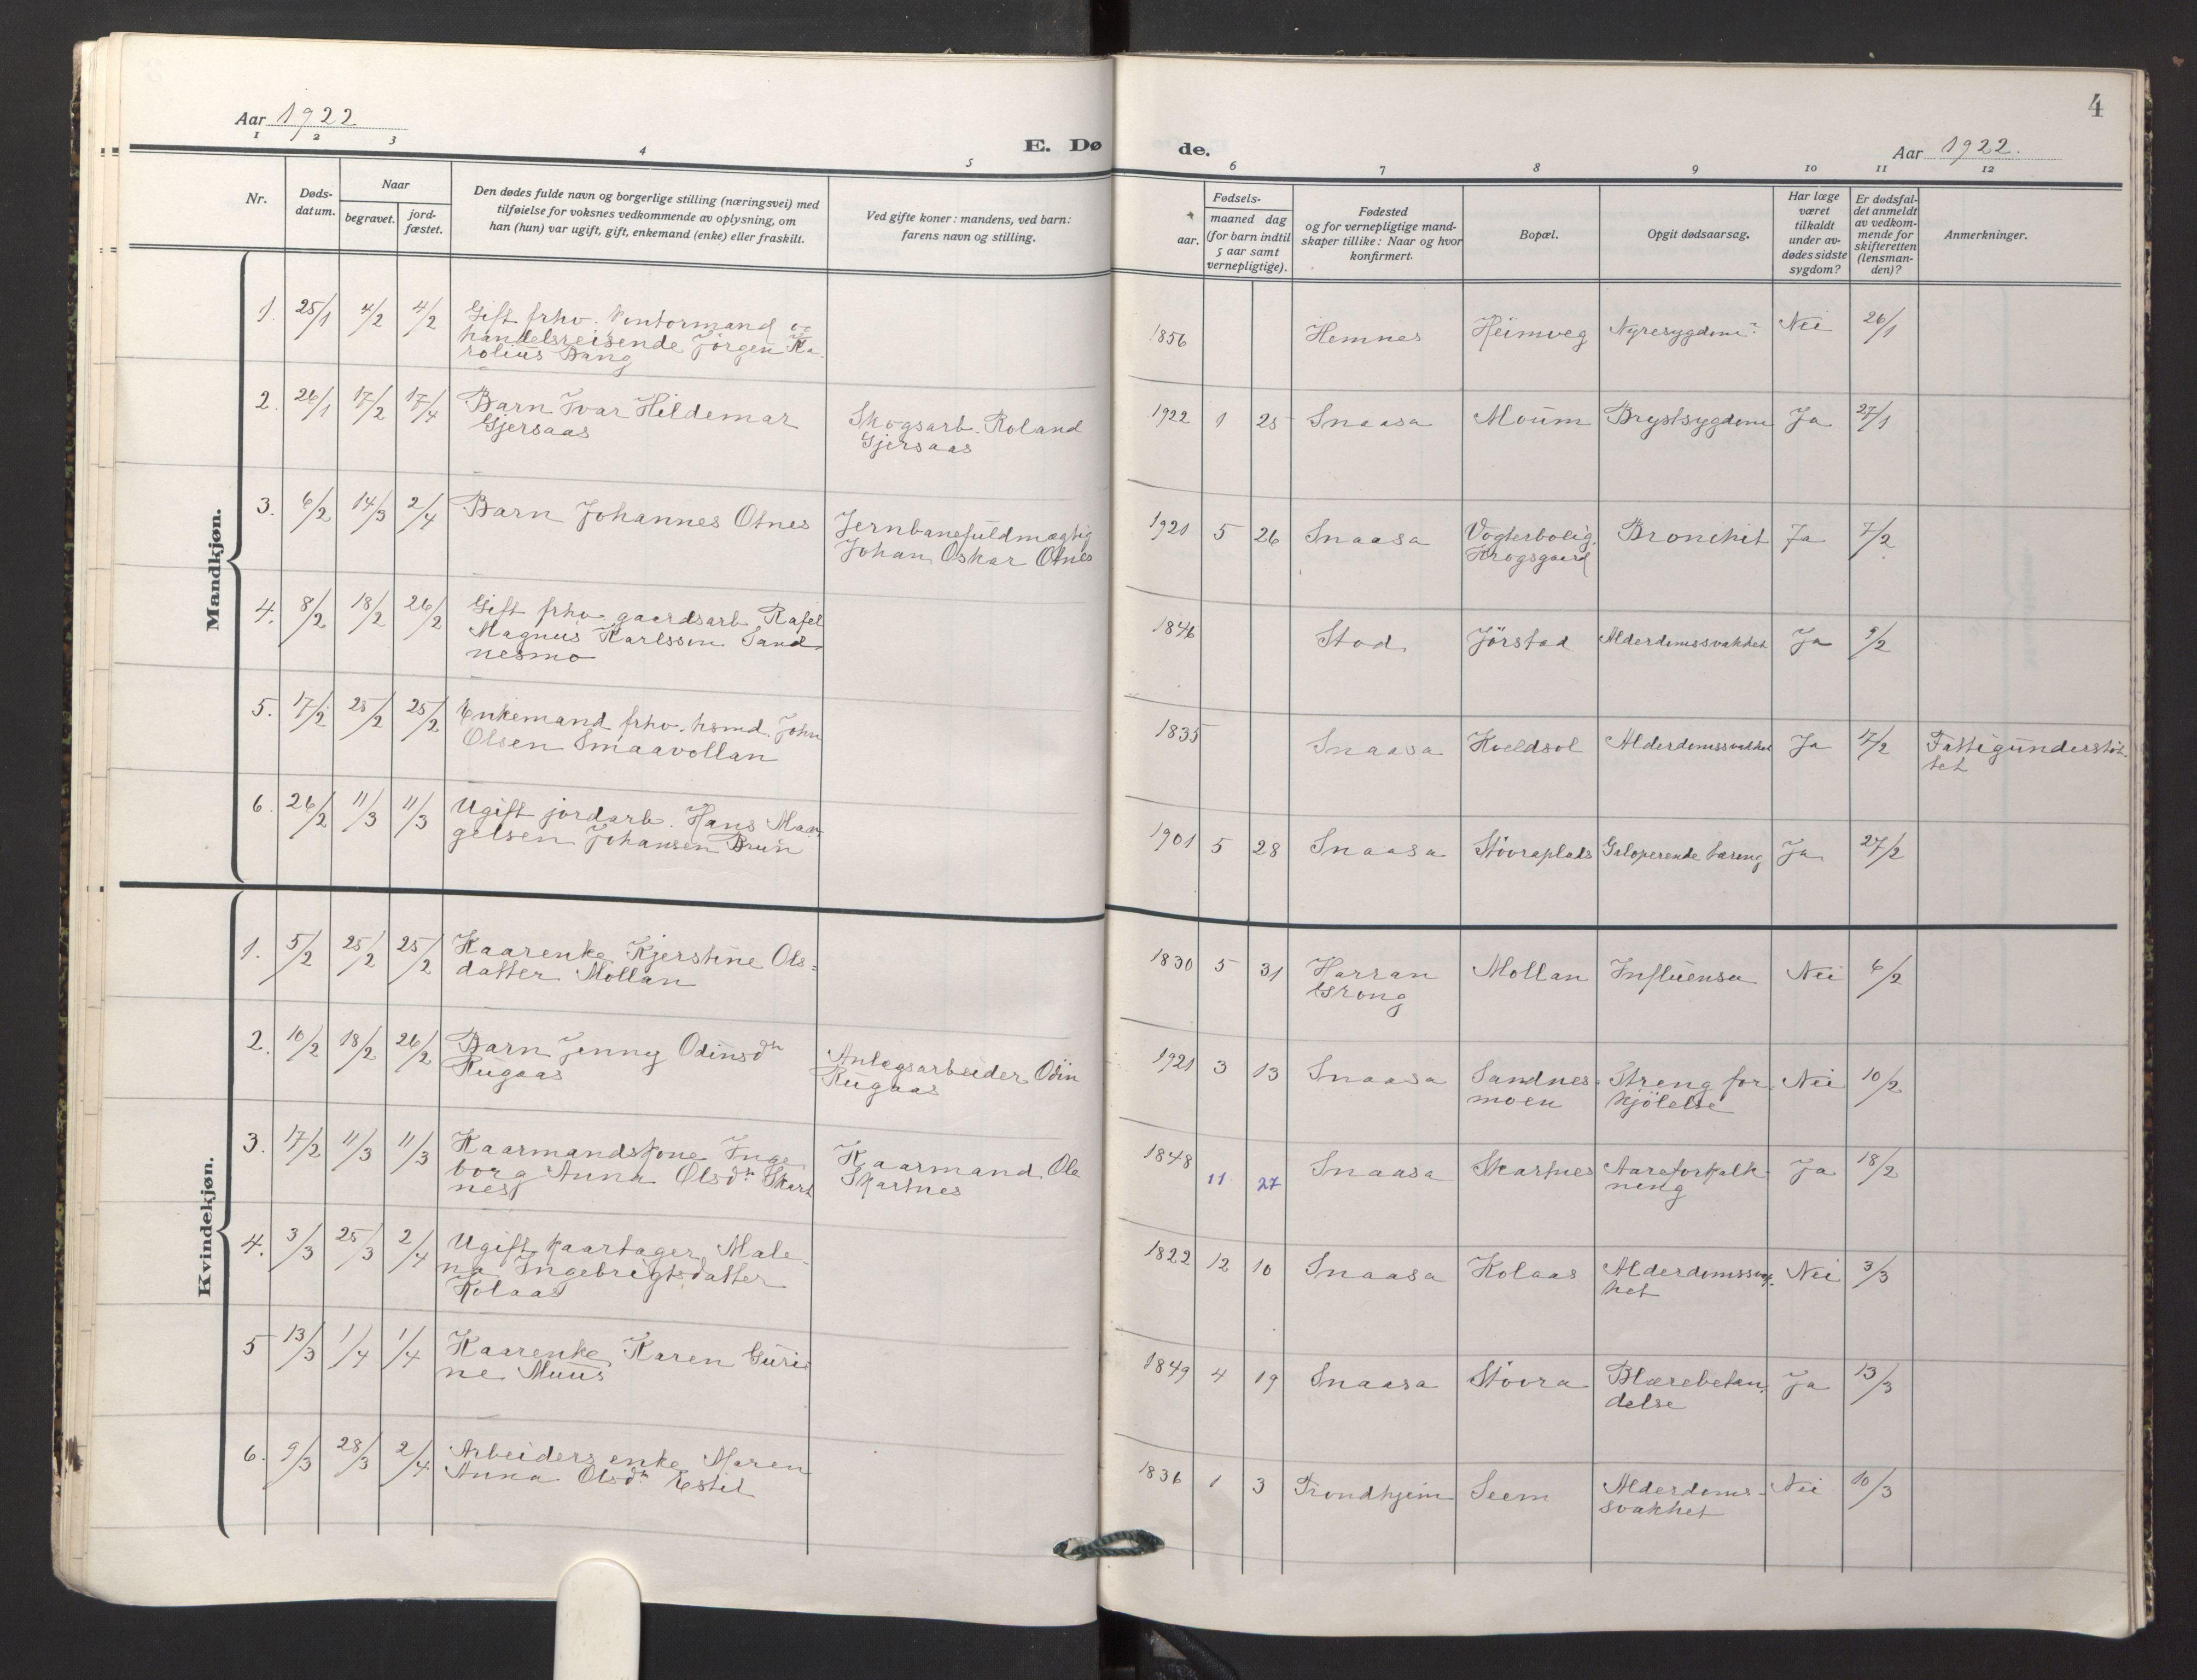 SAT, Ministerialprotokoller, klokkerbøker og fødselsregistre - Nord-Trøndelag, 749/L0478: Ministerialbok nr. 749A12, 1921-1925, s. 4